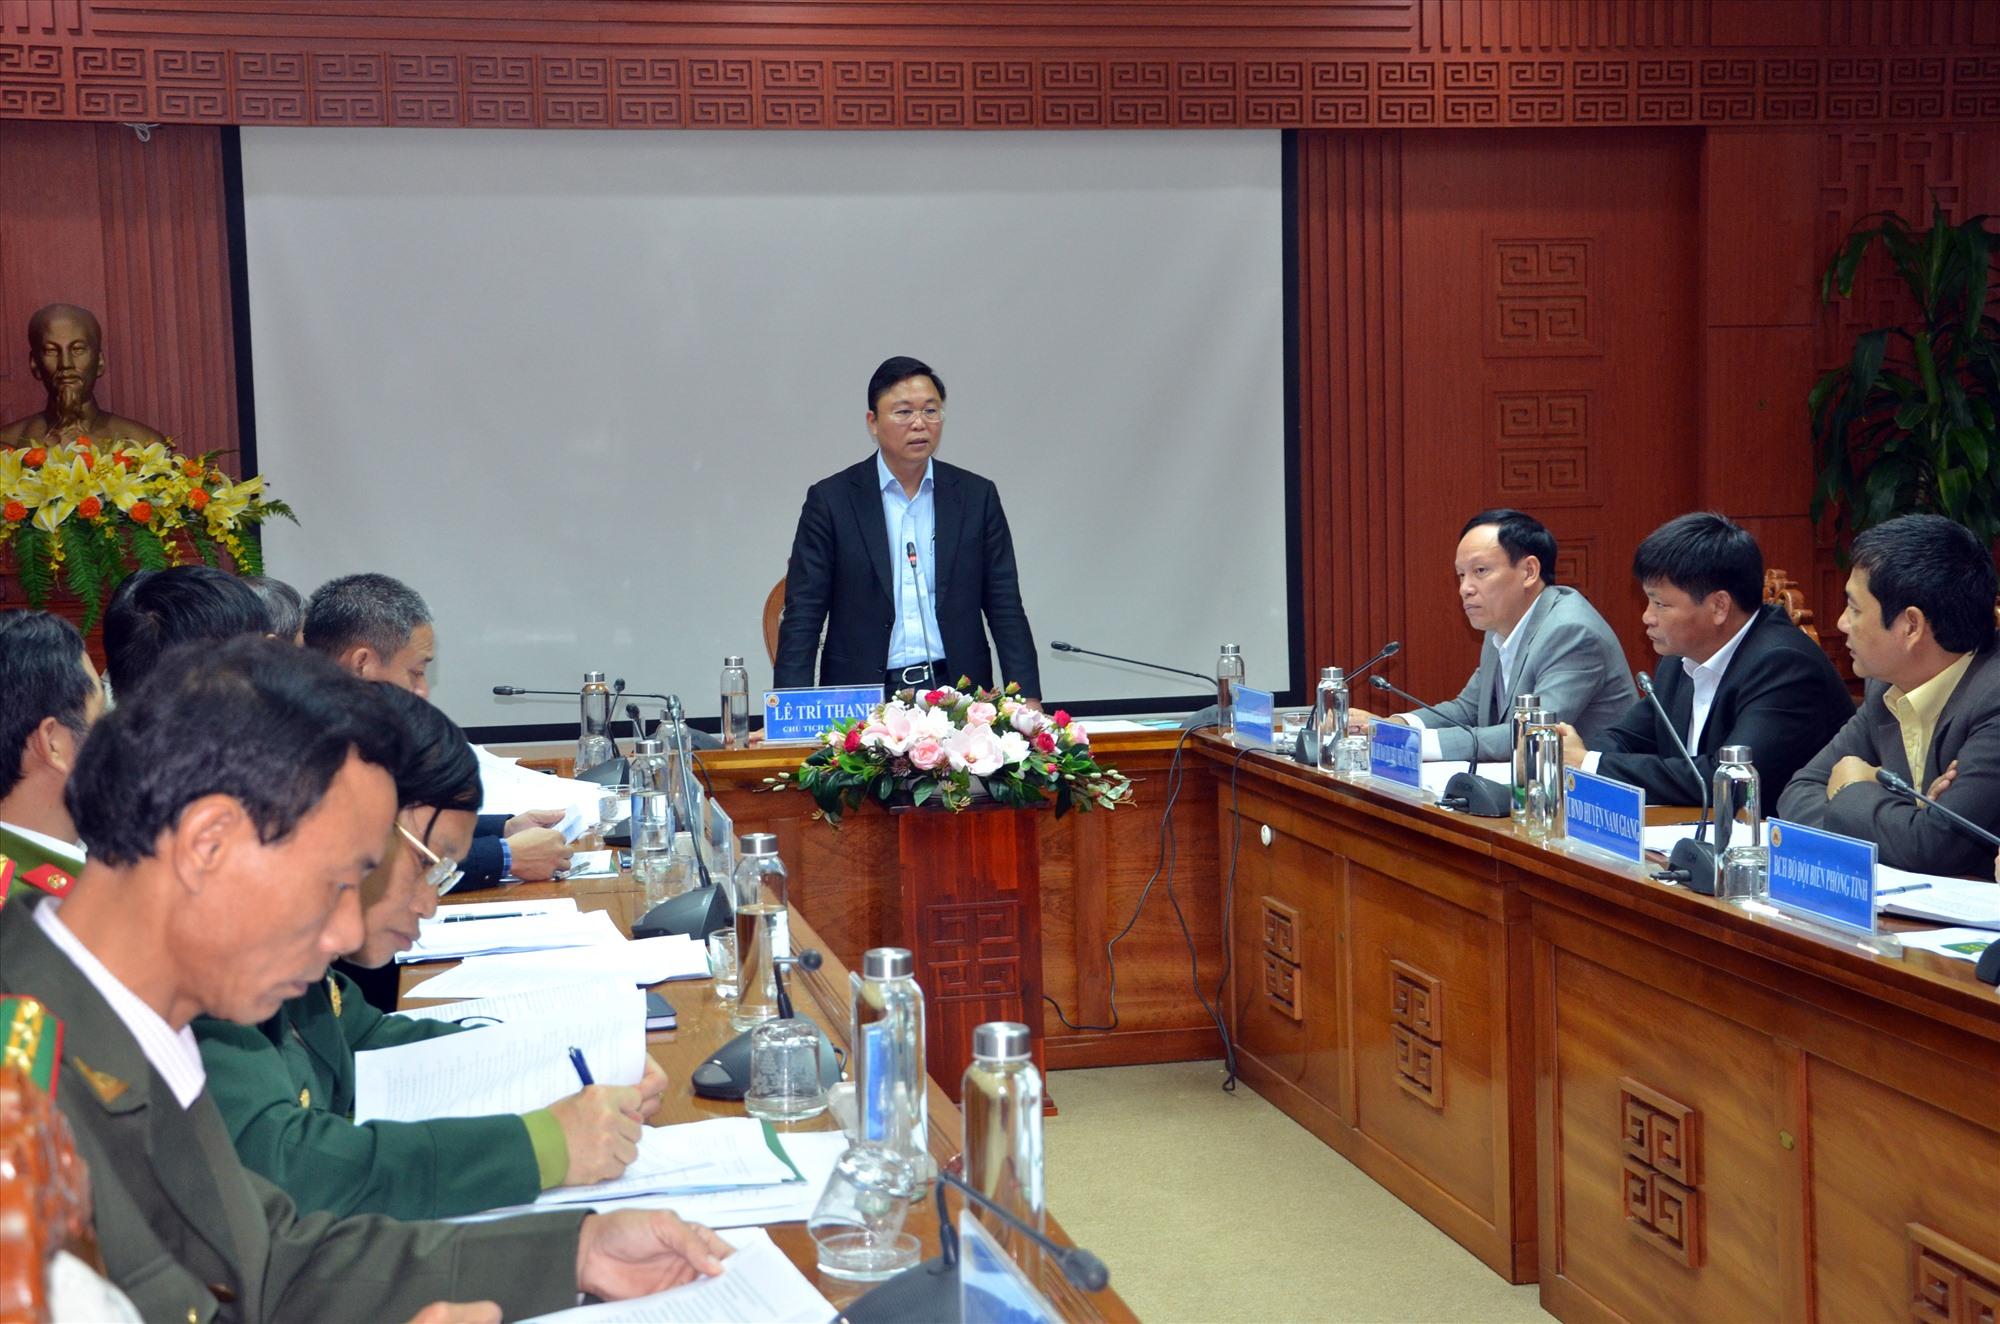 Chủ tịch UBND tỉnh Lê Trí Thanh chủ trì cuộc họp về kế hoạch đánh sập các hầm vàng trái phép trong Vườn quốc gia Sông Thanh vào chiều tối 20.1.